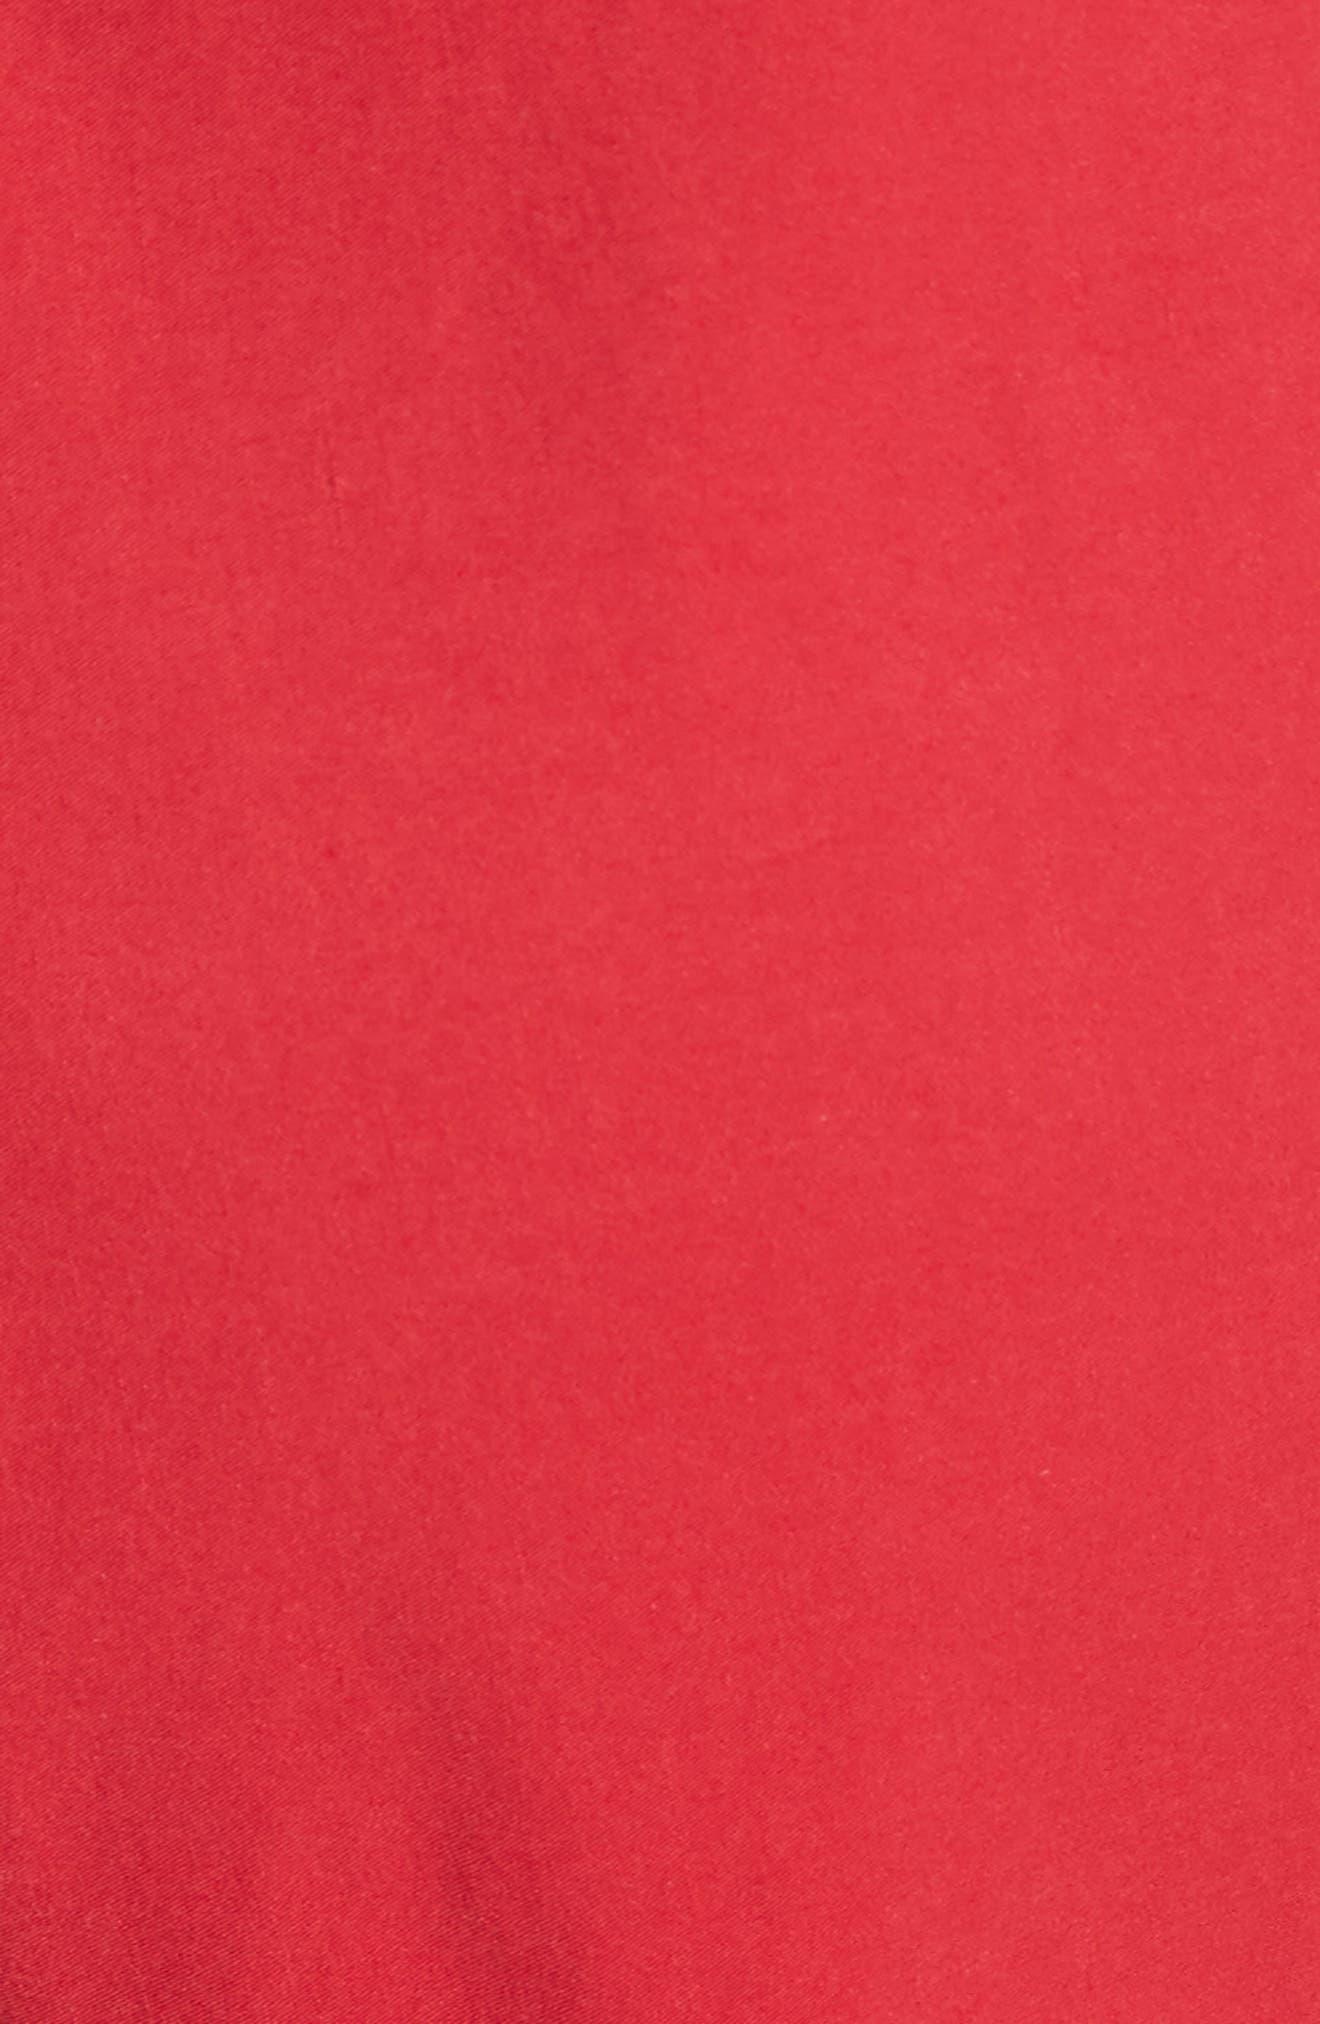 Callie Ruffle Strap Jumpsuit,                             Alternate thumbnail 5, color,                             600